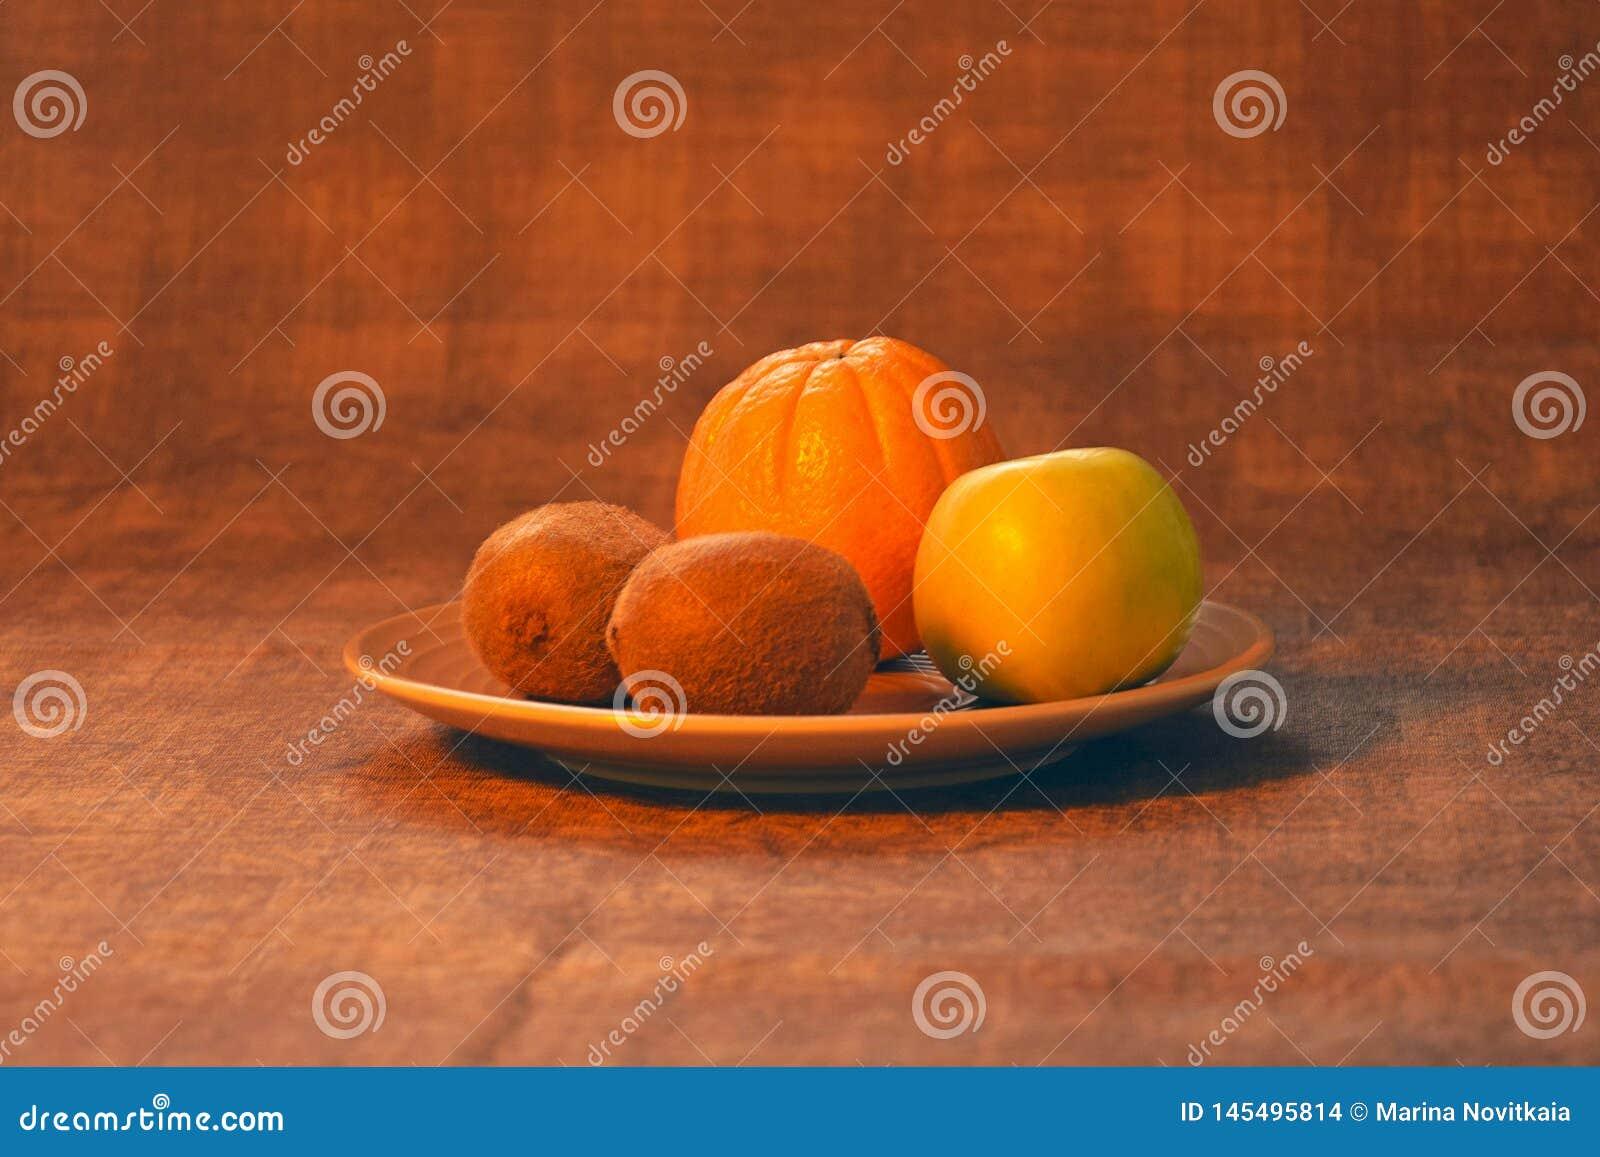 Sinaasappel, appel, kiwi Zonnebloemzaden - zaadfonds